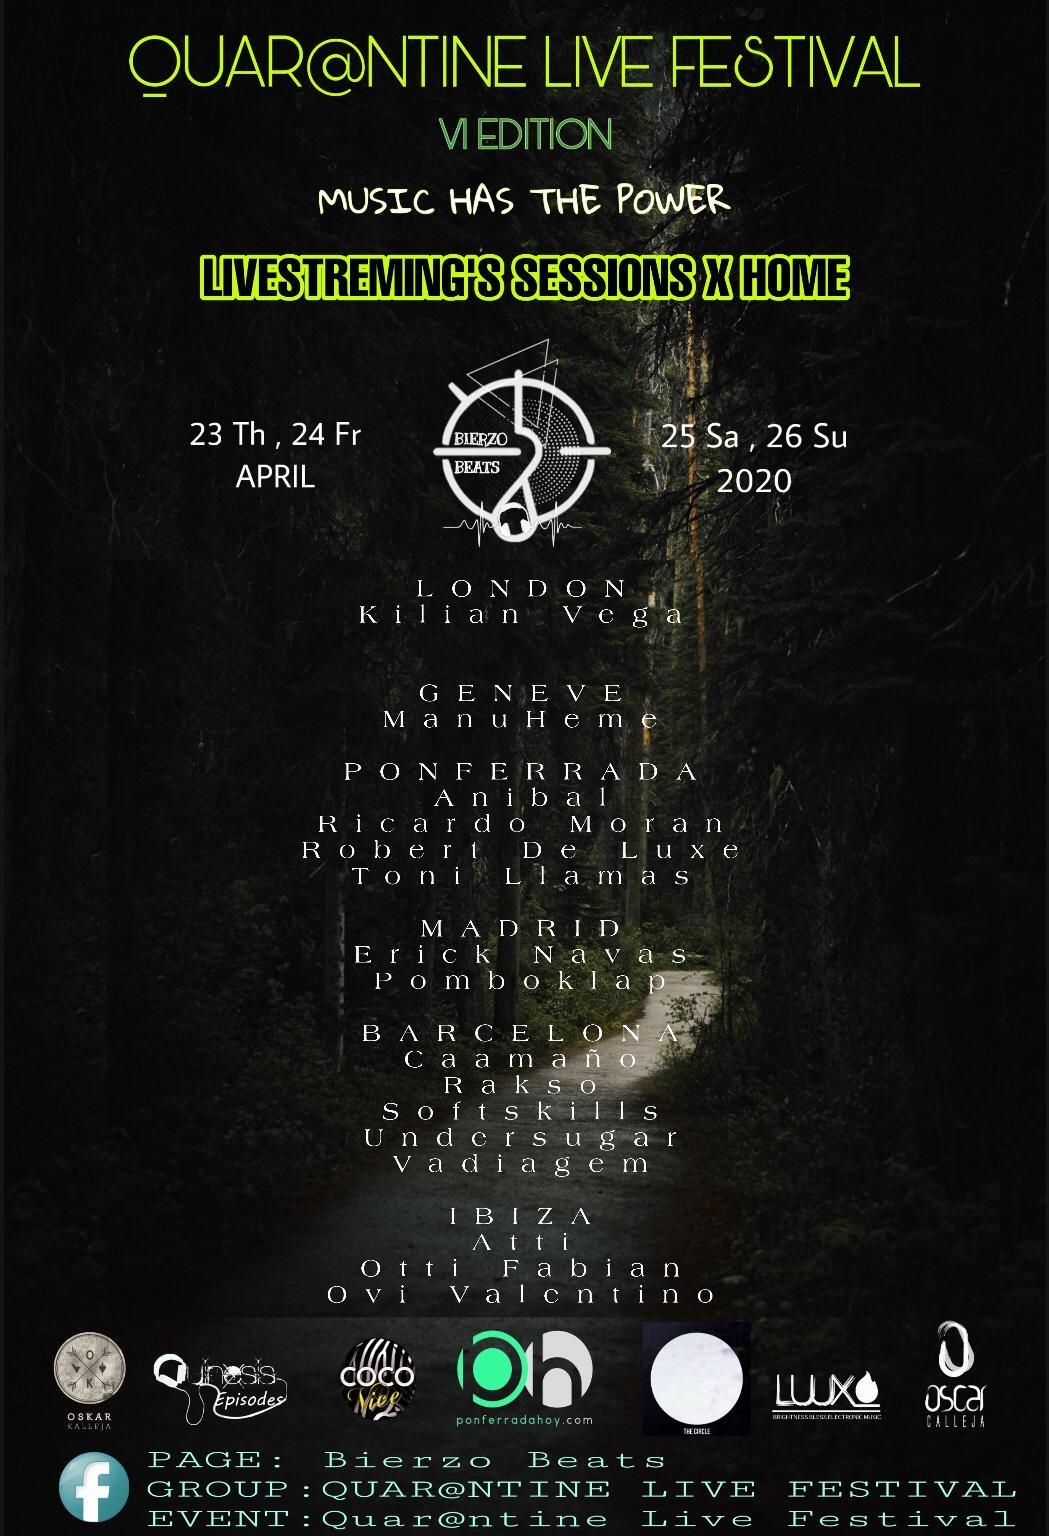 Quar@tine Live Festival le pone banda sonora al puente 1